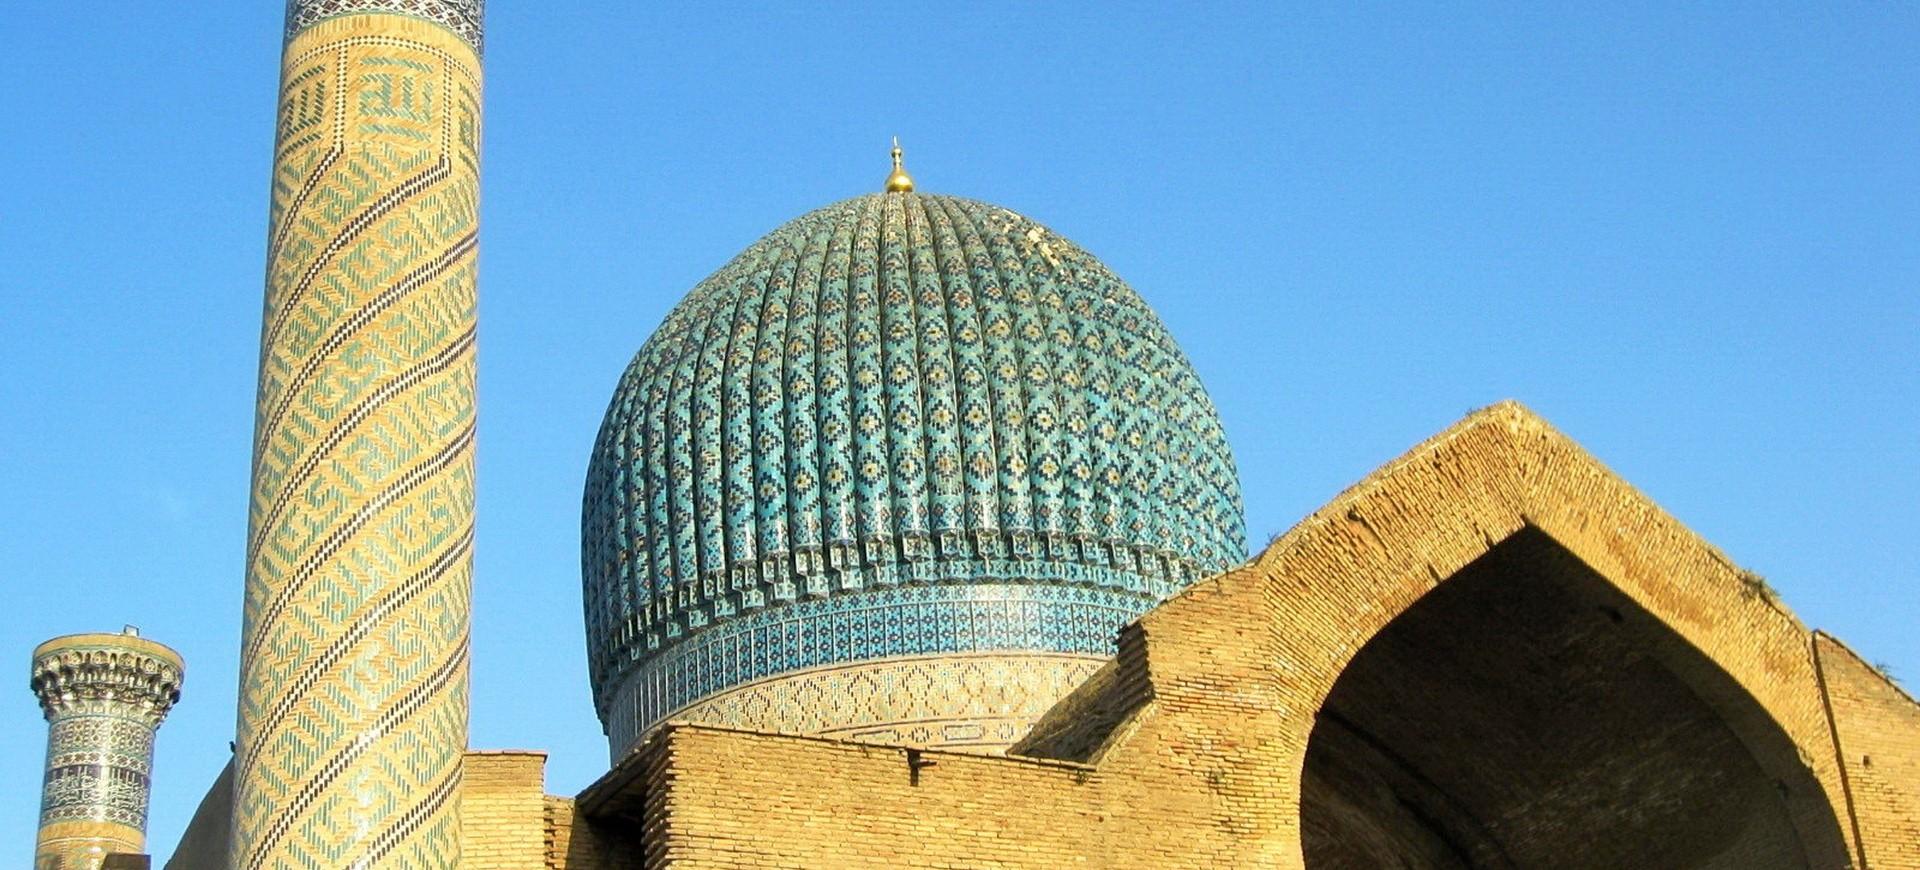 Nos voyages pour groupes en Asie Centrale